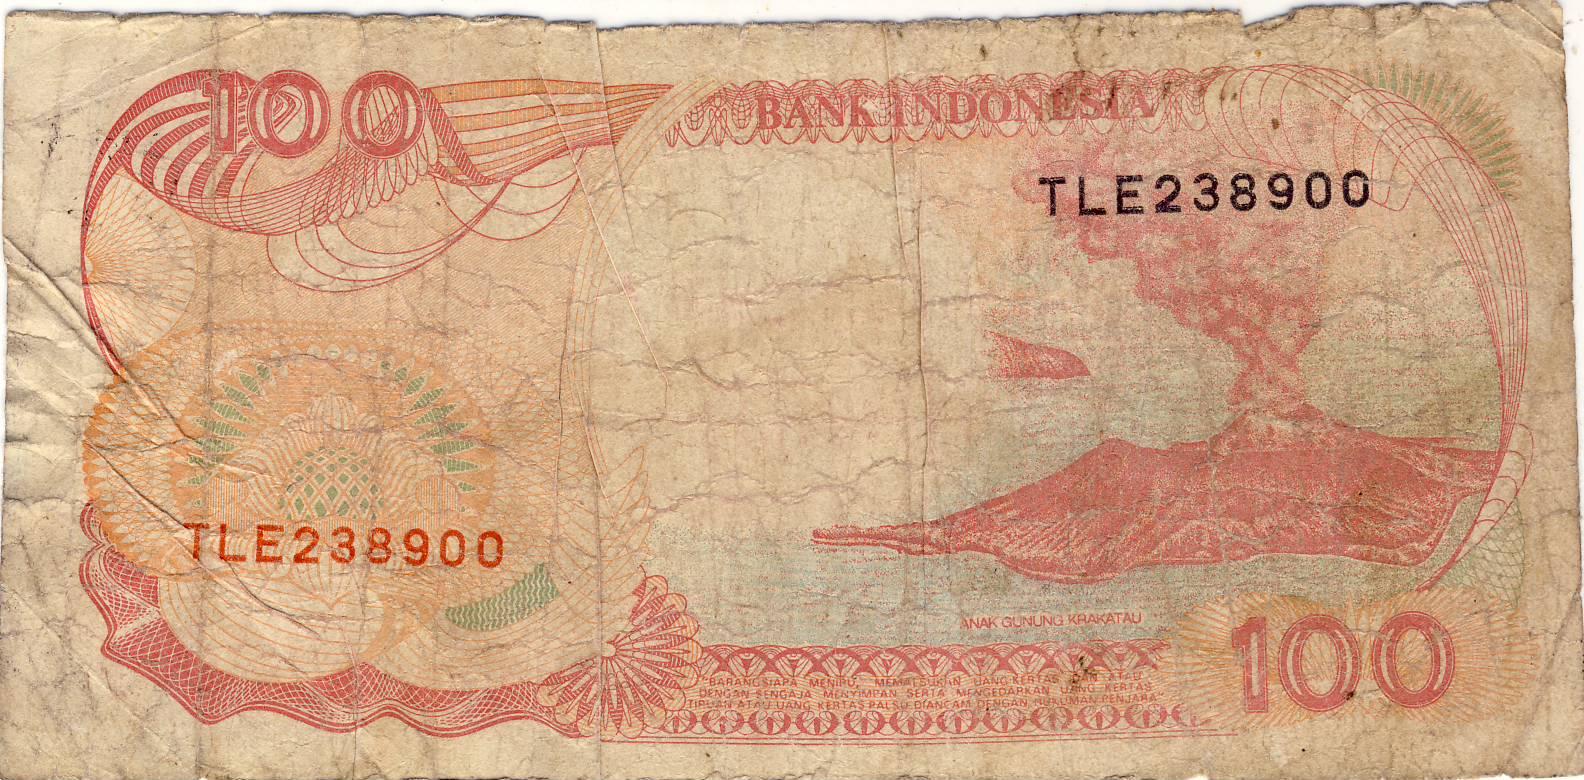 Selembar uang kertas yang dikeluarkan oleh perum percetakan uang ri